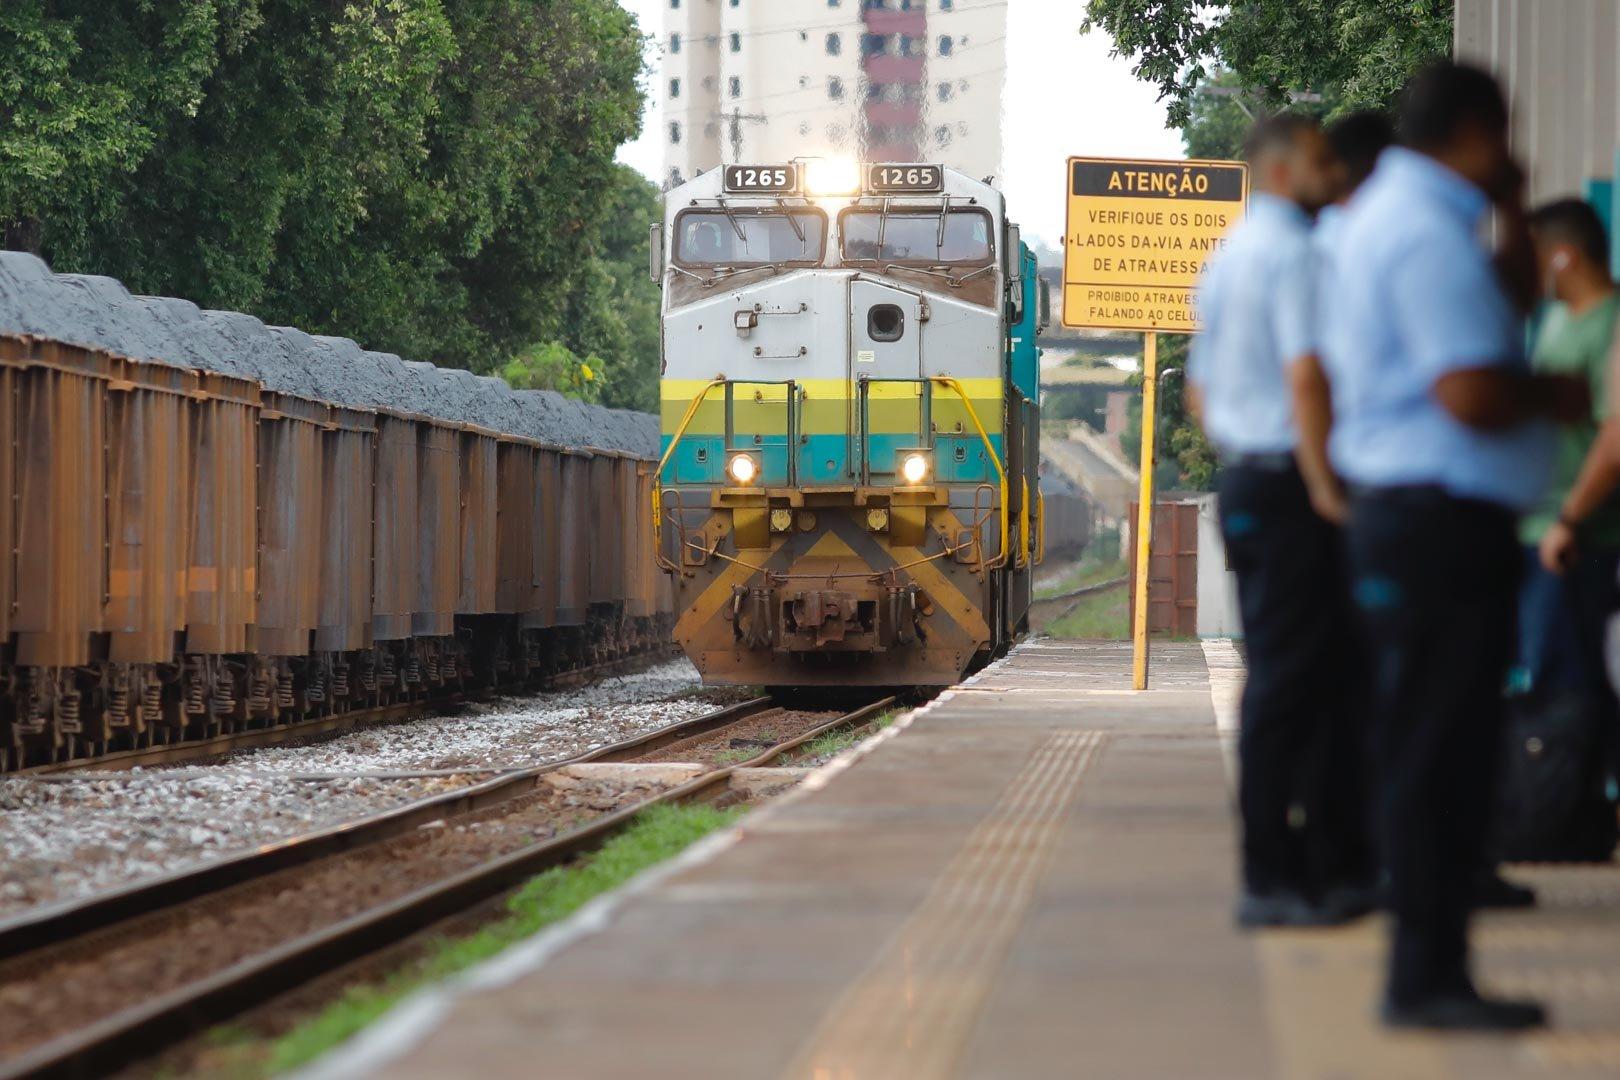 Em momentos de crise, os ferroviários percebem a importância do próprio ofício